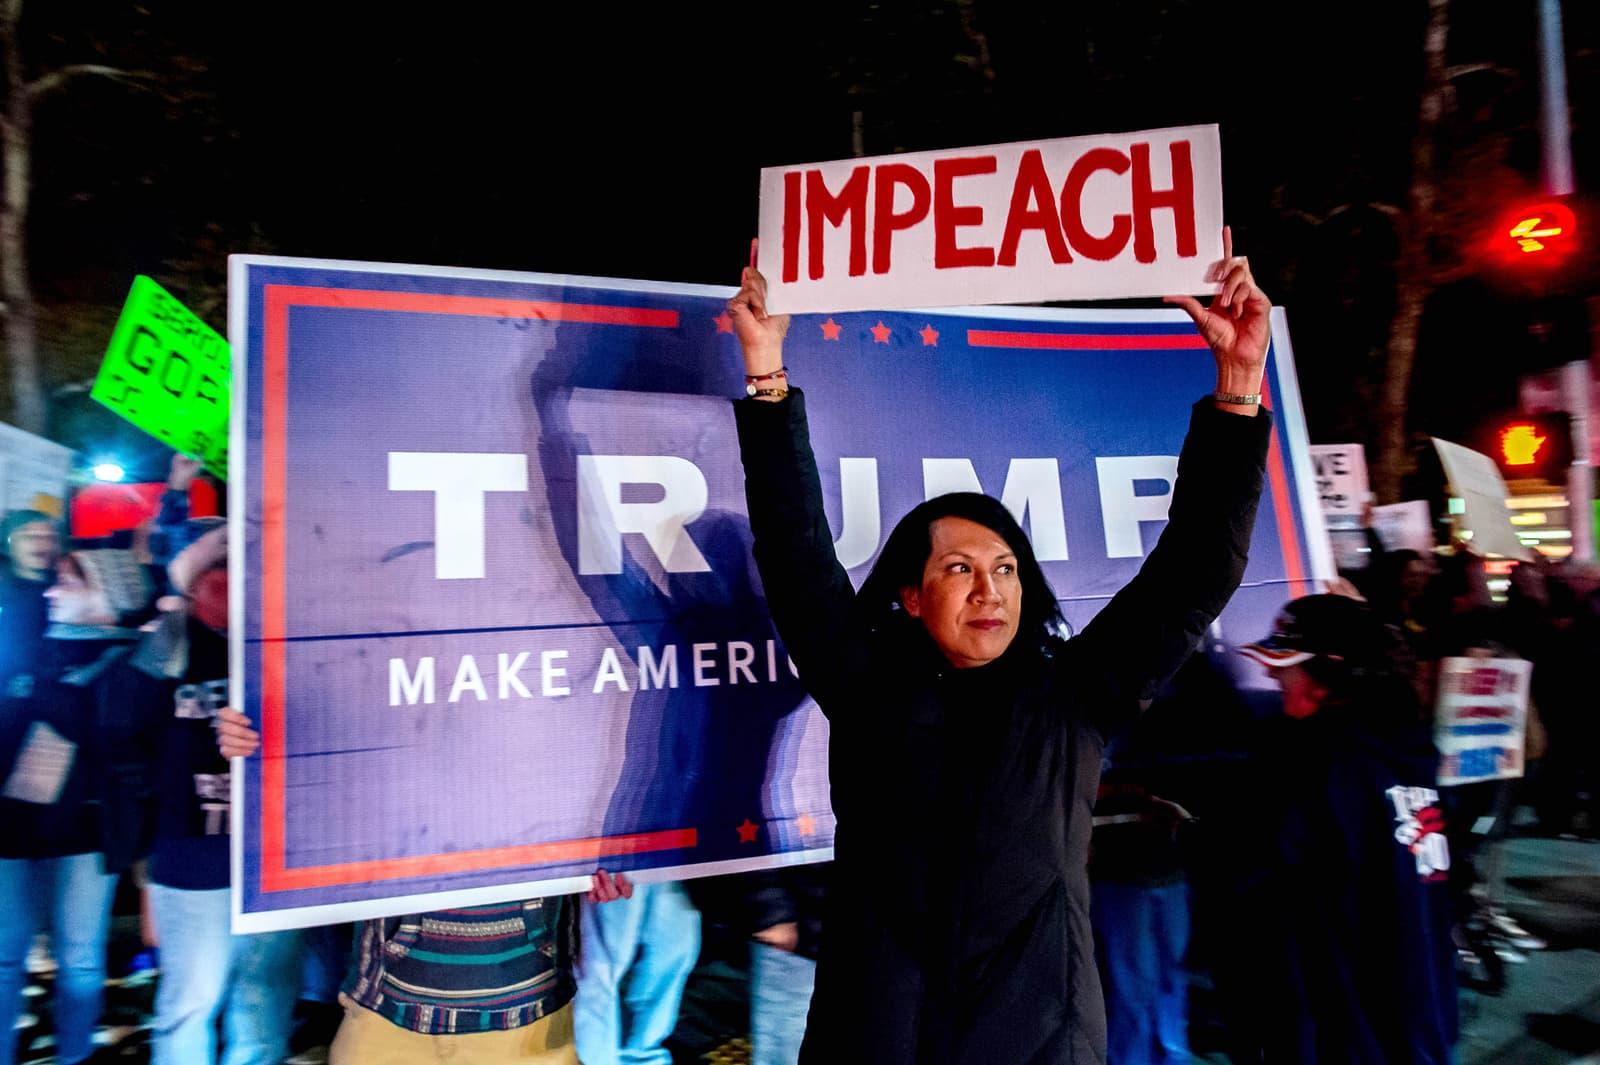 Manifestants a favor i en contra de Donald Trump el desembre a Claremont, Califòrnia Fotografia de Watchara Phomicinda Zuma Wire